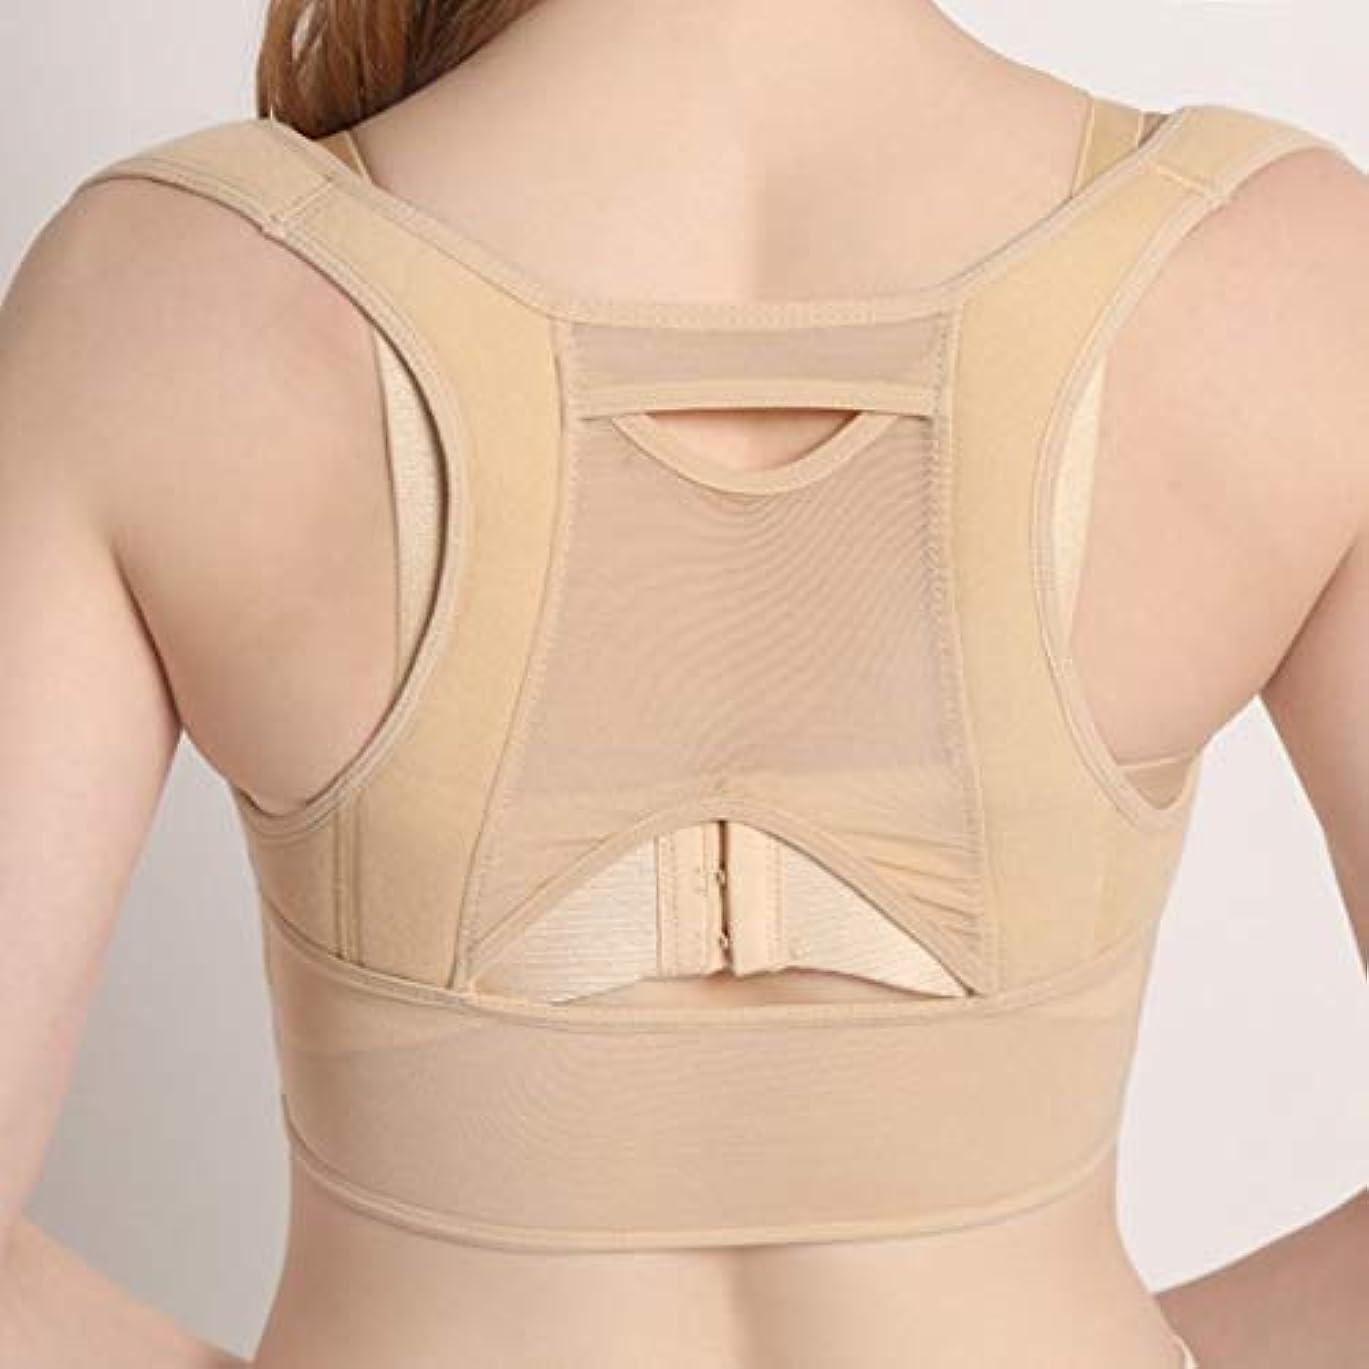 相対性理論年金勢い通気性のある女性の背中の姿勢矯正コルセット整形外科の肩の背骨の背骨の姿勢矯正腰椎サポート (Rustle666)